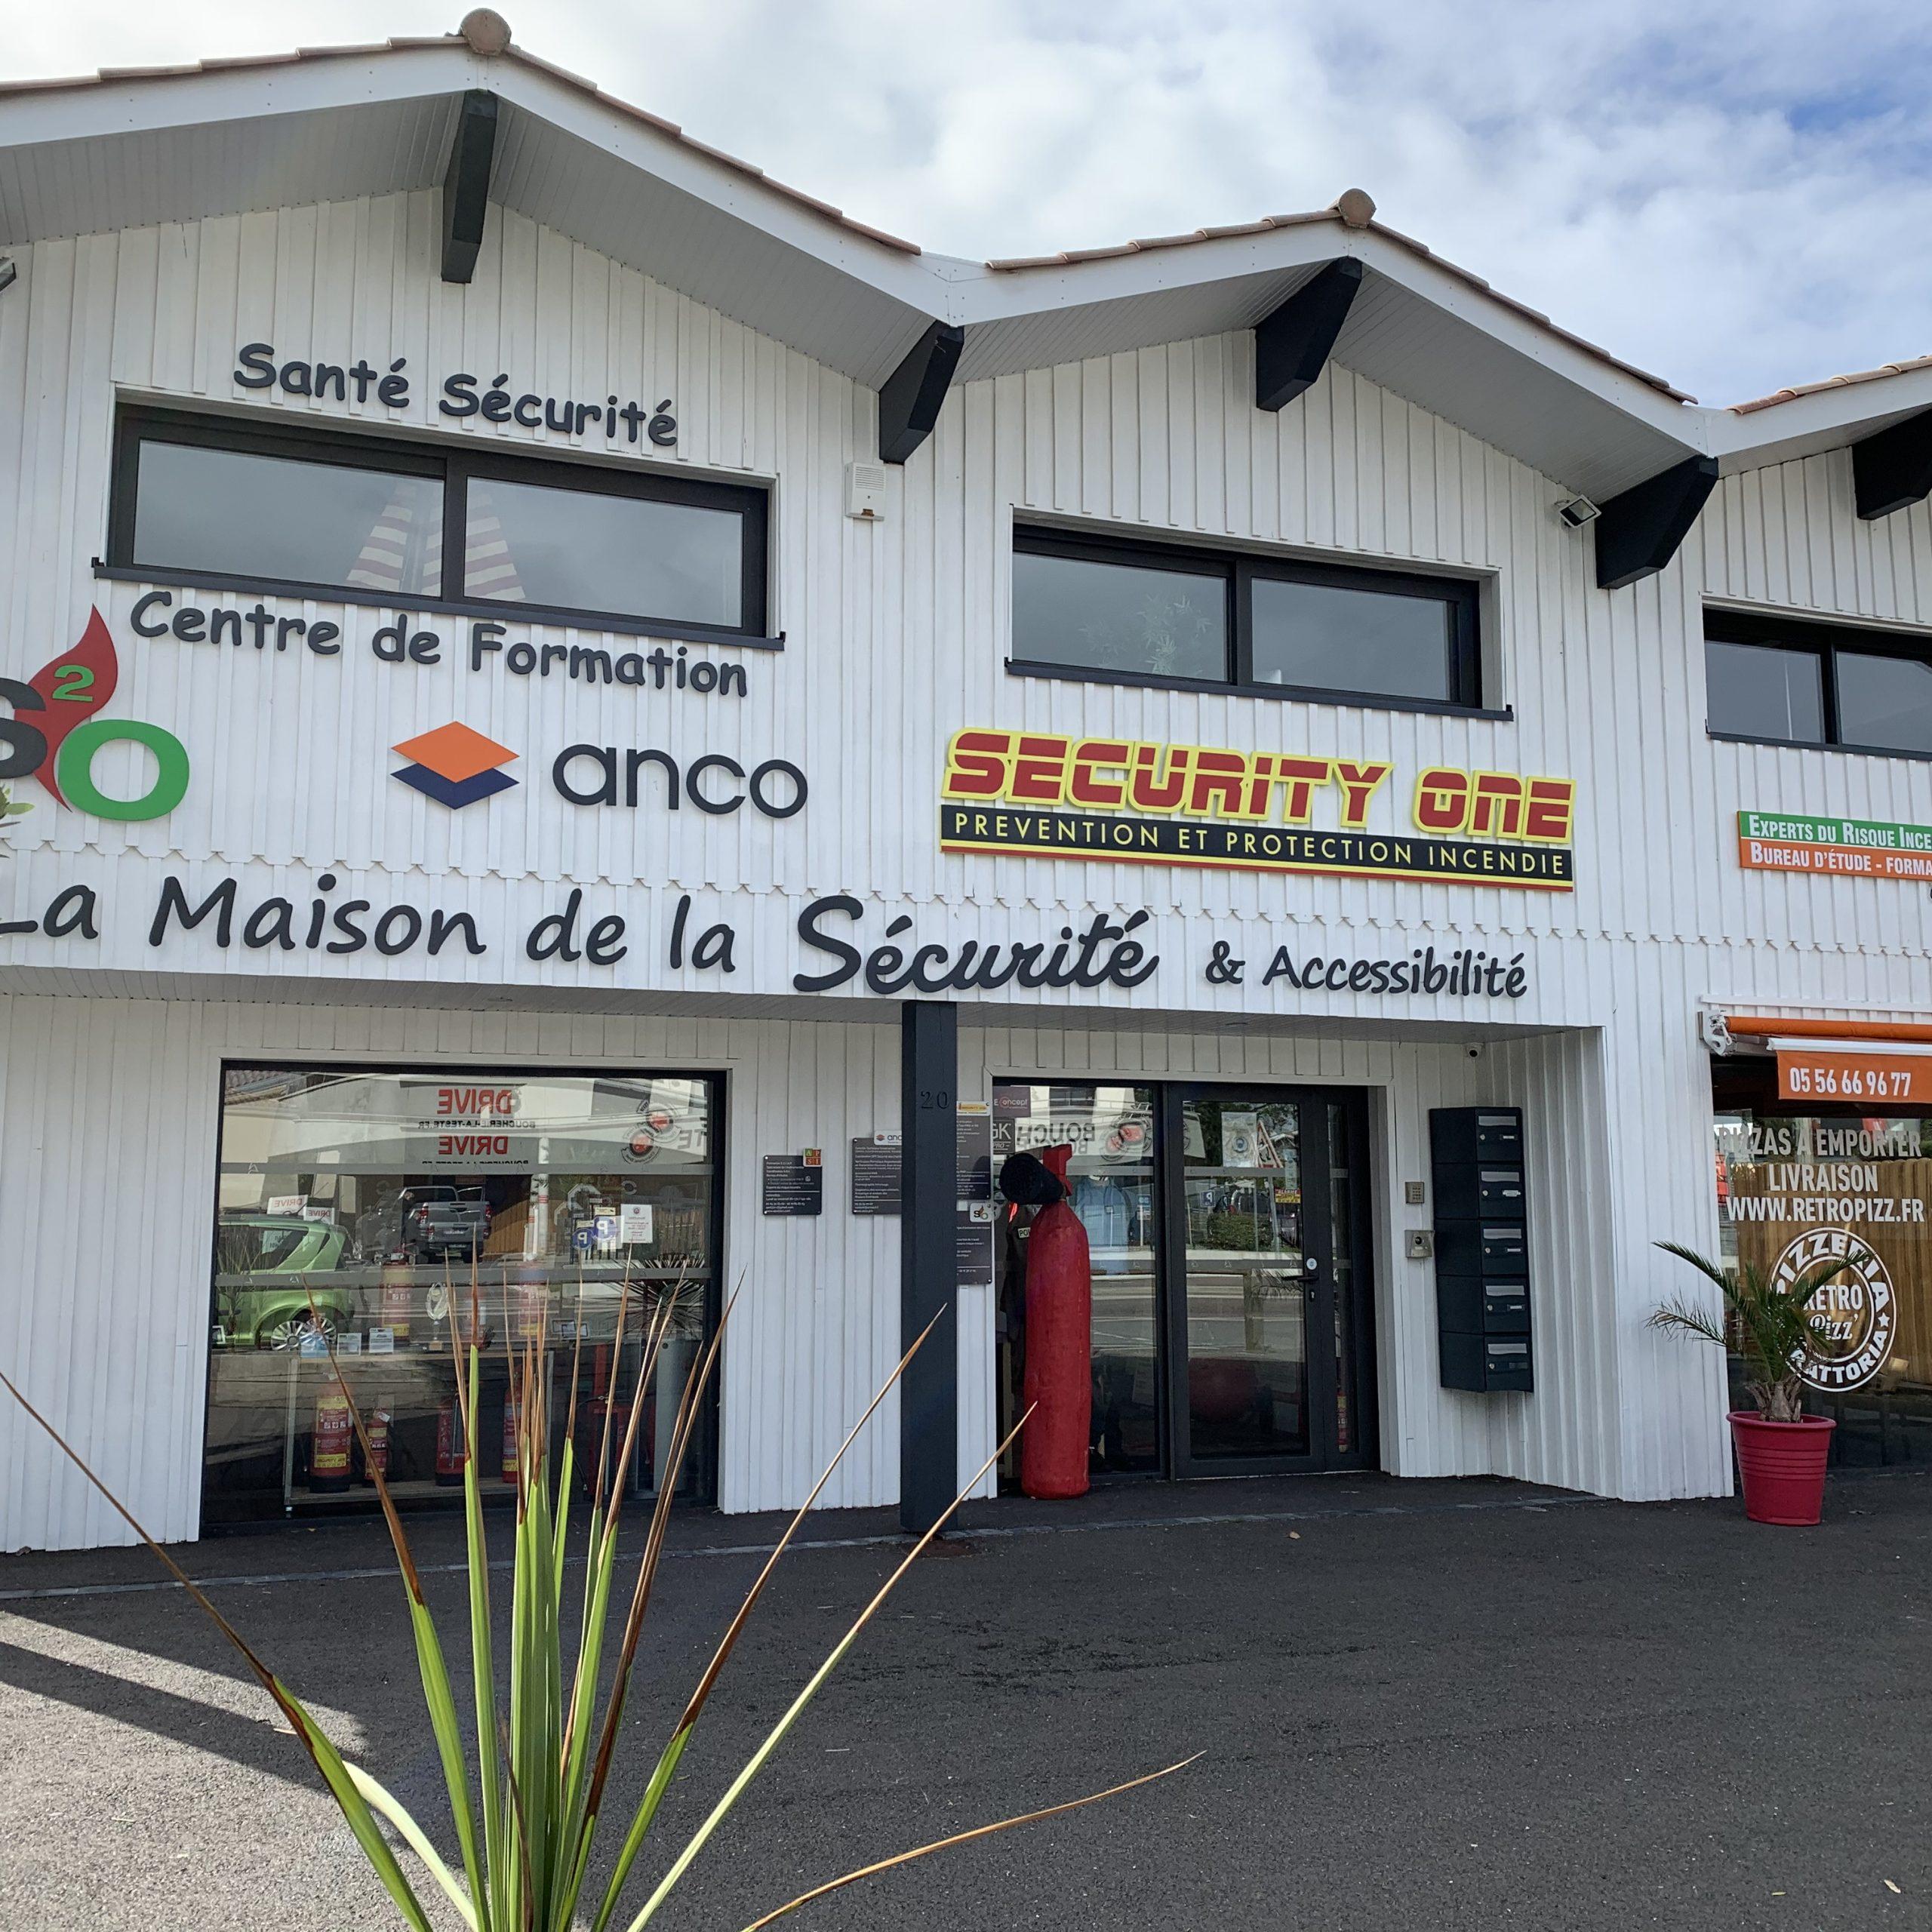 La Maison de la Sécurité et de l'Accessibilité : le guichet unique de la prévention incendie, de la formation et du risque professionnel